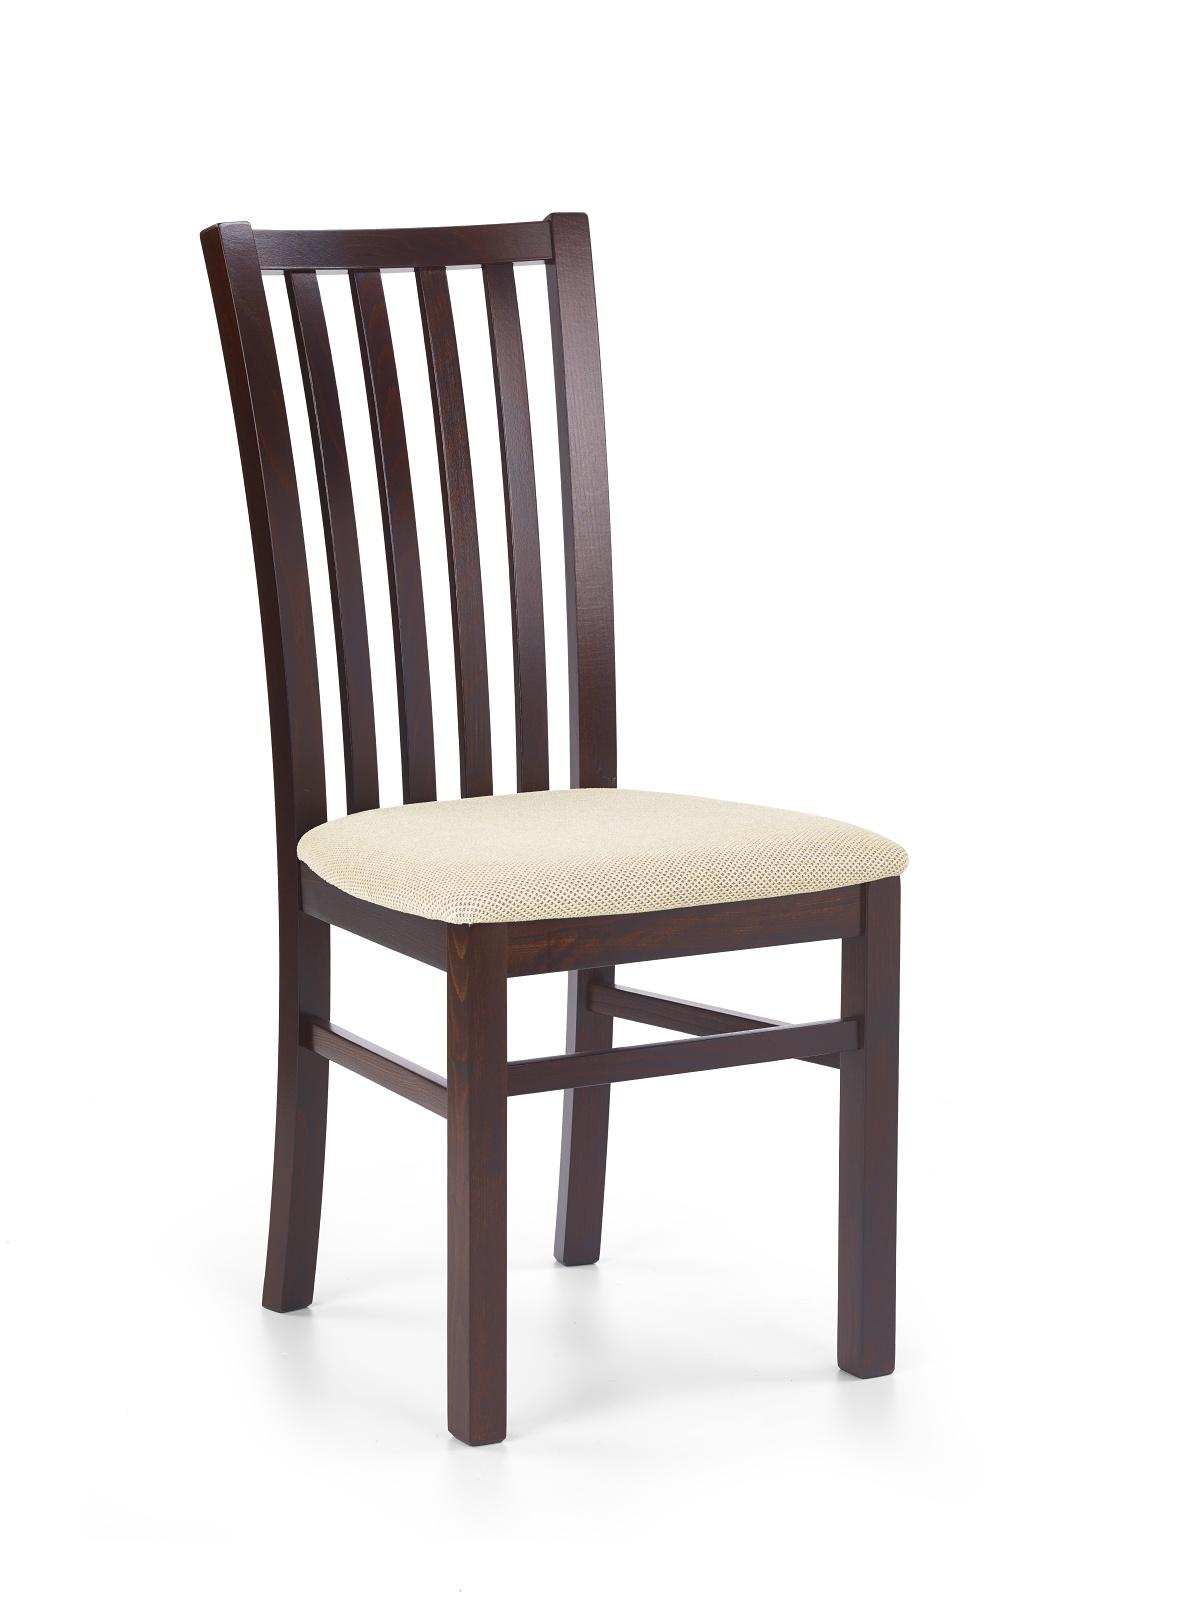 Jídelní židle - Halmar - Gerard 7 Ořech tmavý + béžová